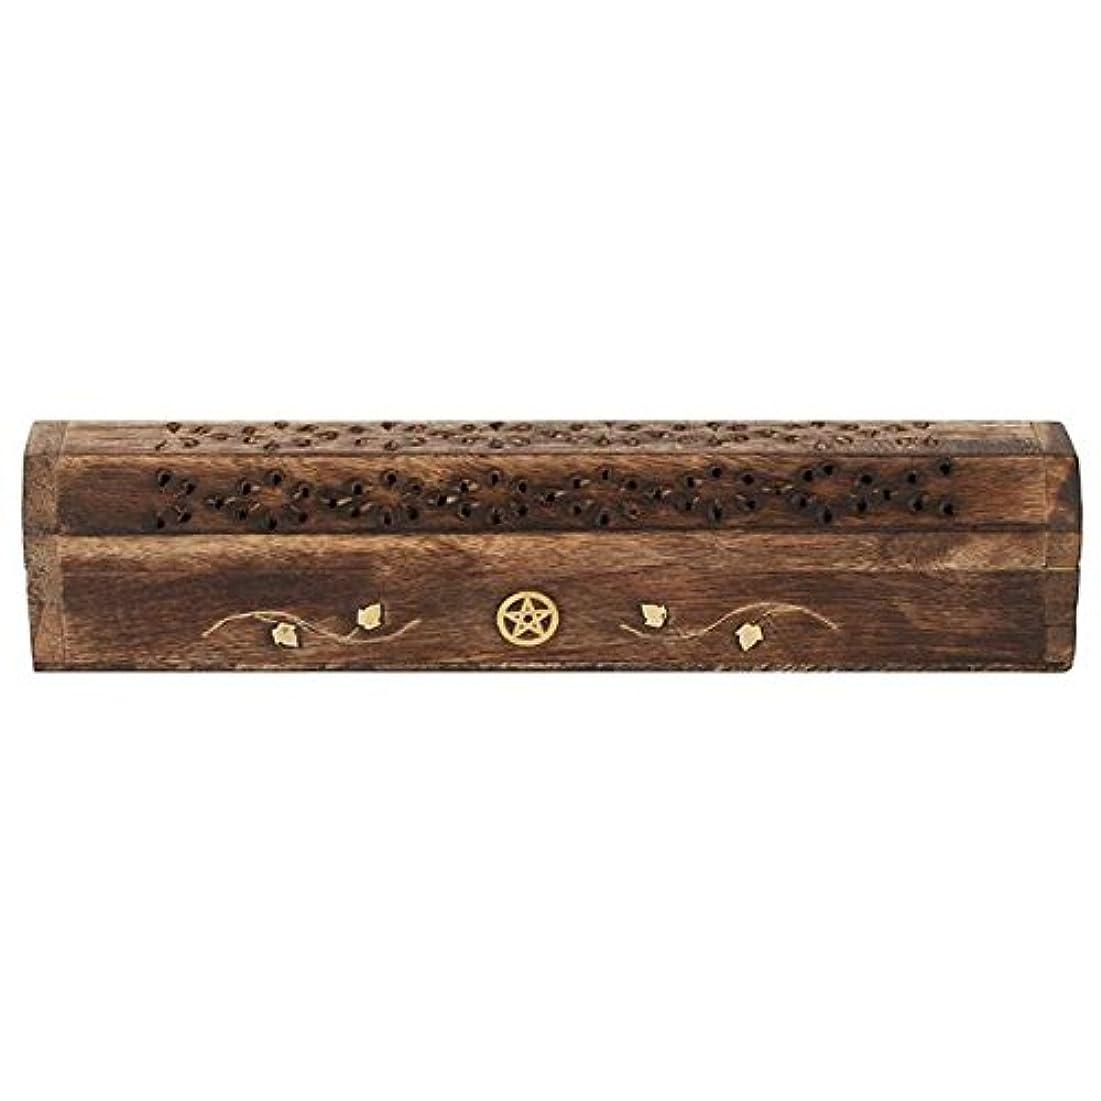 ライター混雑ベーコンMangowood Incense Box with Brass Pentagram Inlay